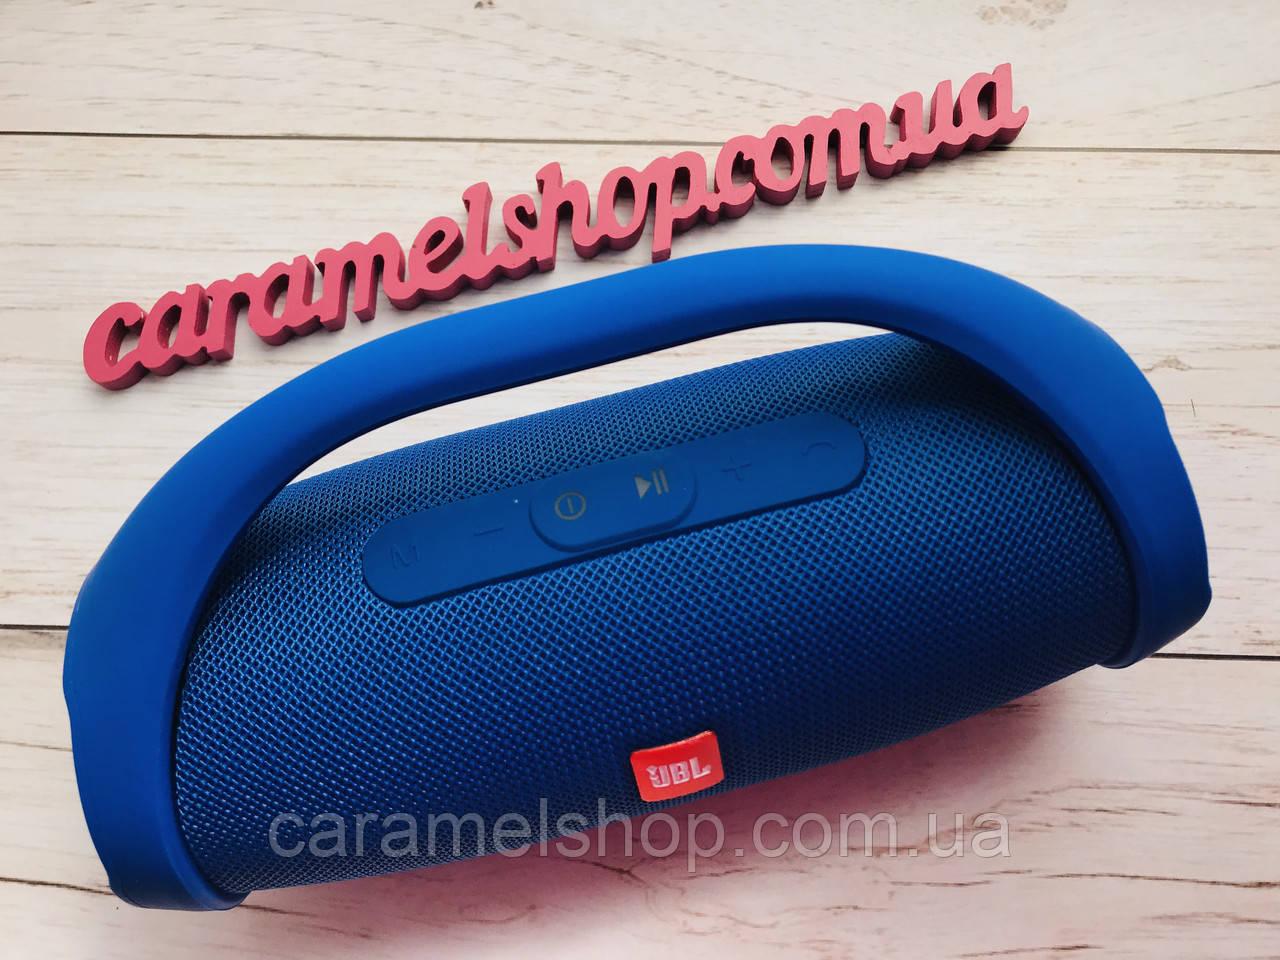 Колонка JBL Boombox Mini с ручкой (Replika) + встроенный Power Bank 4000mAh ЦВЕТ синий Бумбокс